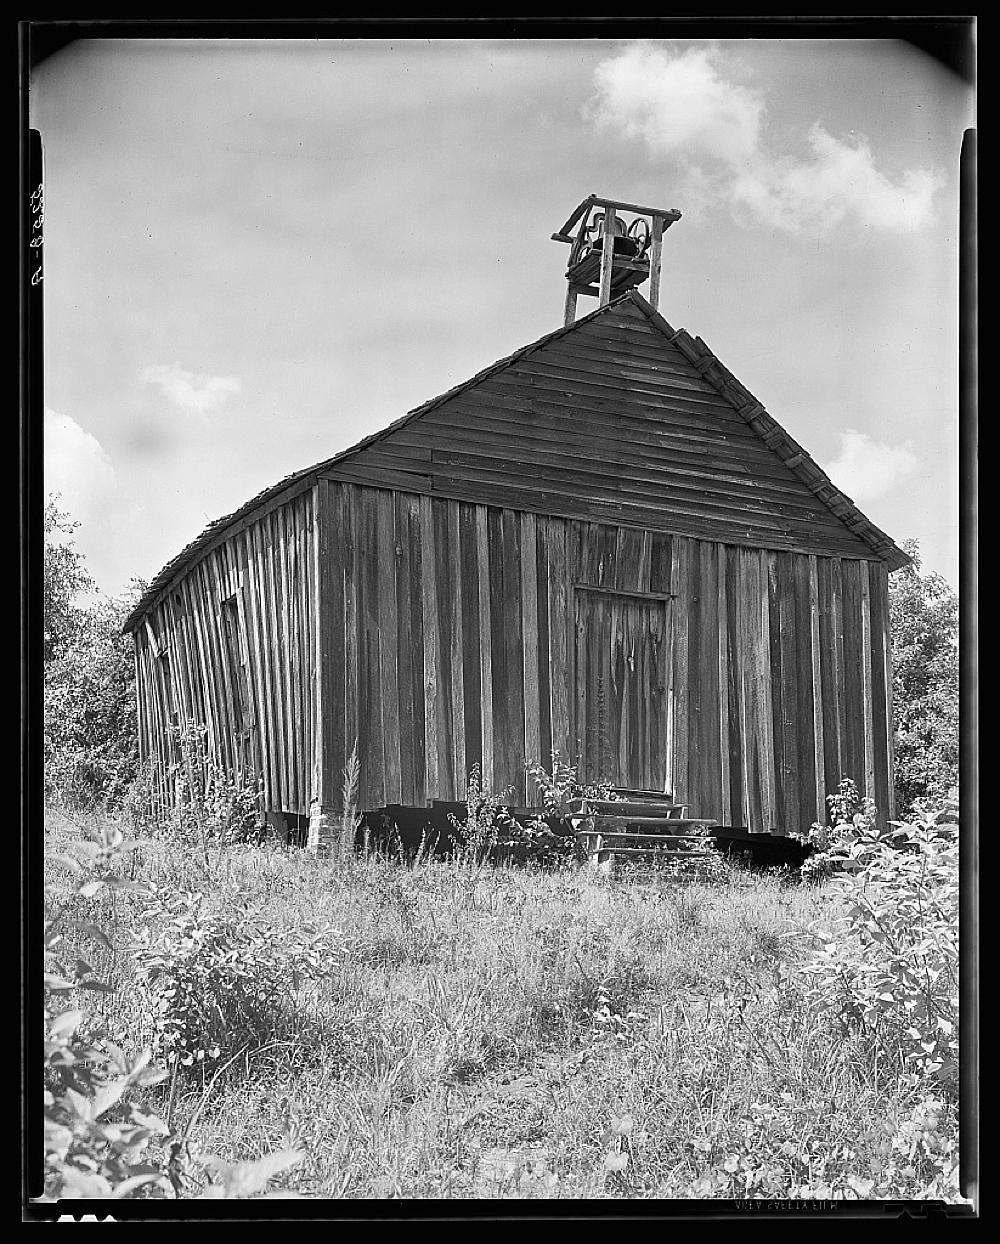 Church, Southeastern U.S